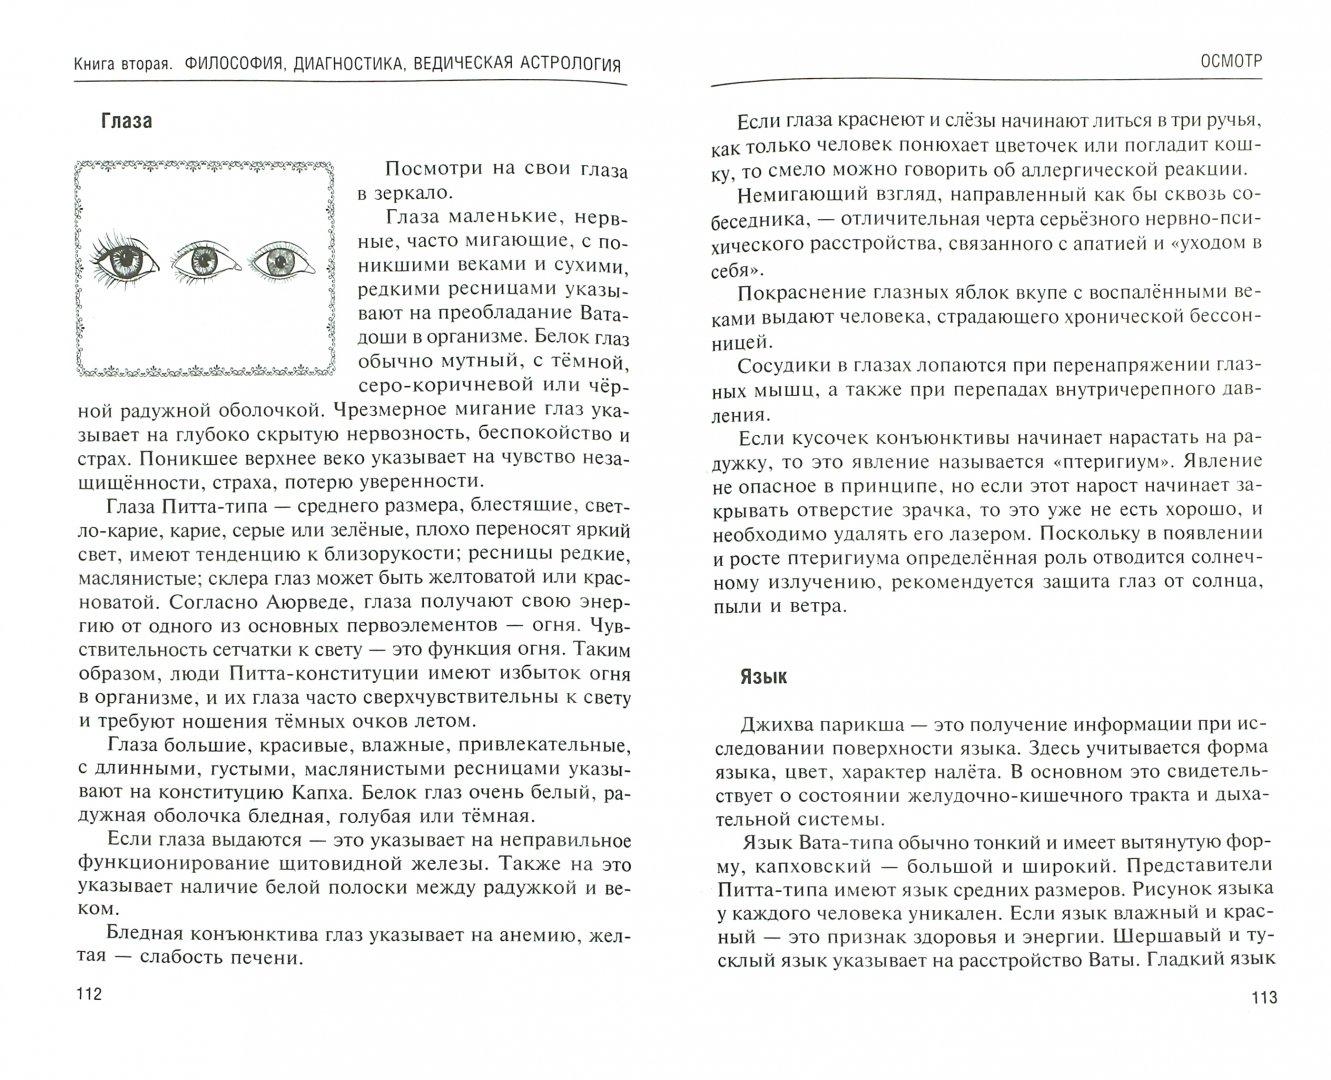 Иллюстрация 1 из 39 для Аюрведа. Философия, диагностика, Ведическая астрология - Ян Раздобурдин | Лабиринт - книги. Источник: Лабиринт